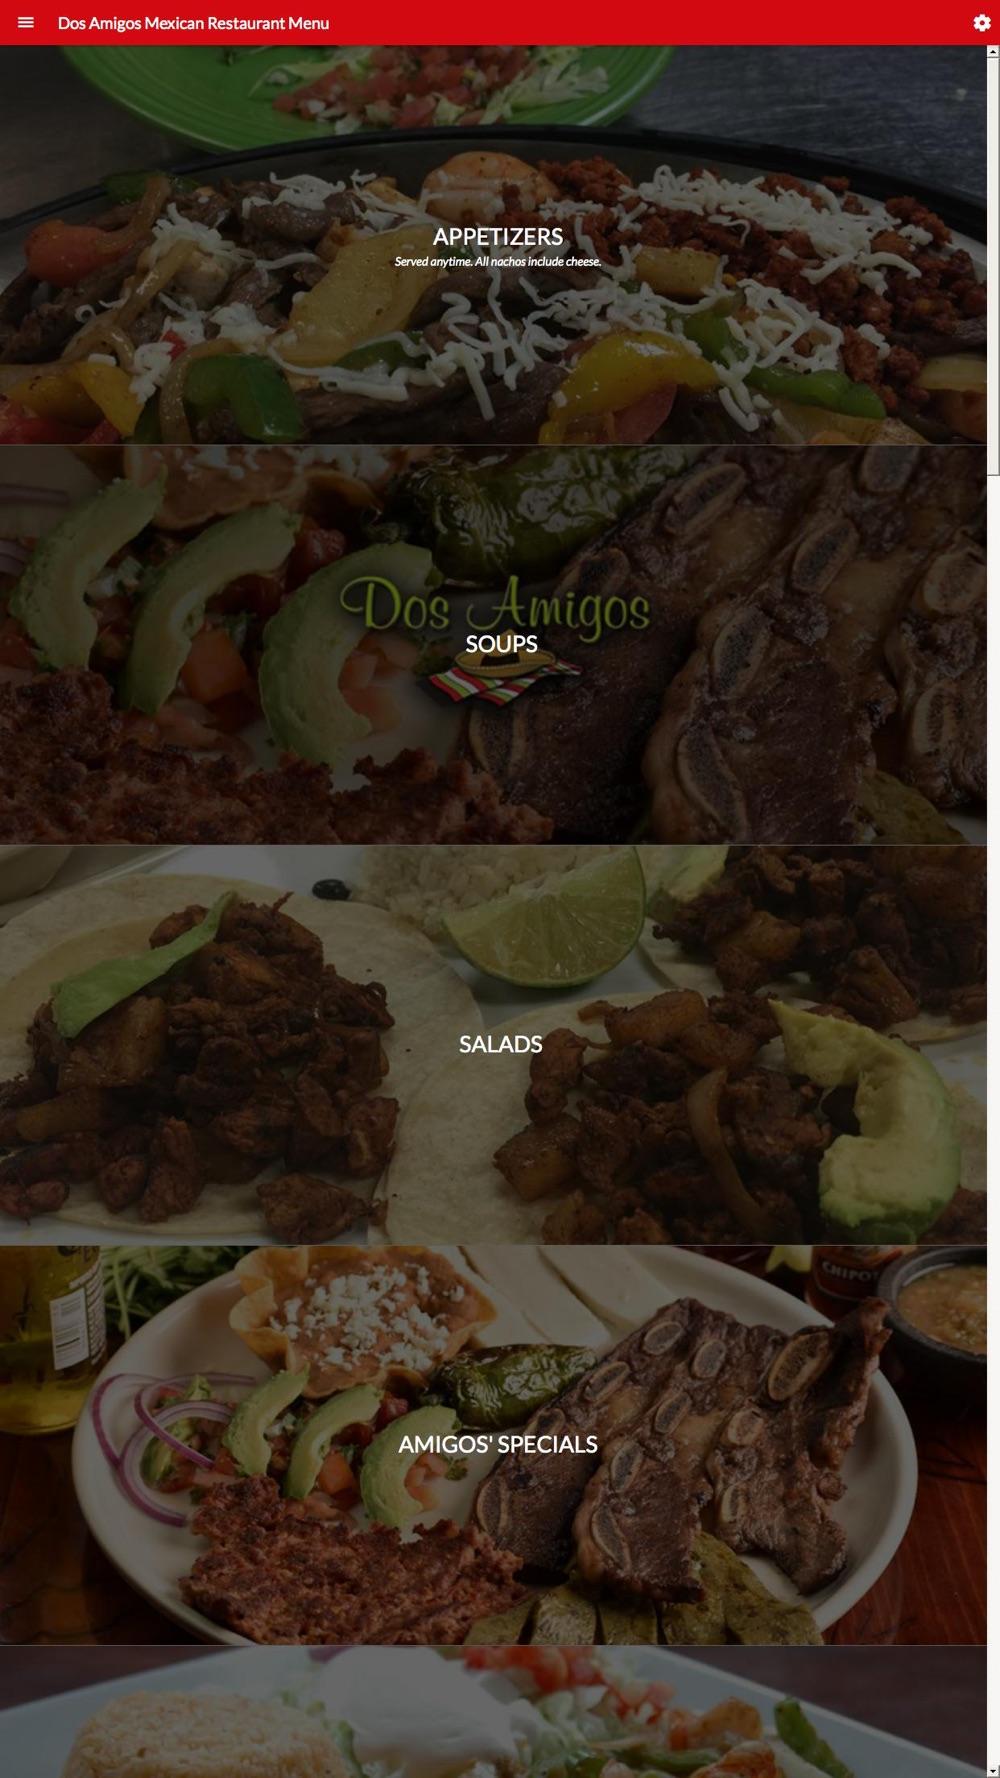 Dos Amigos Mexican Restaurant Free Download App For Iphone Steprimo Com